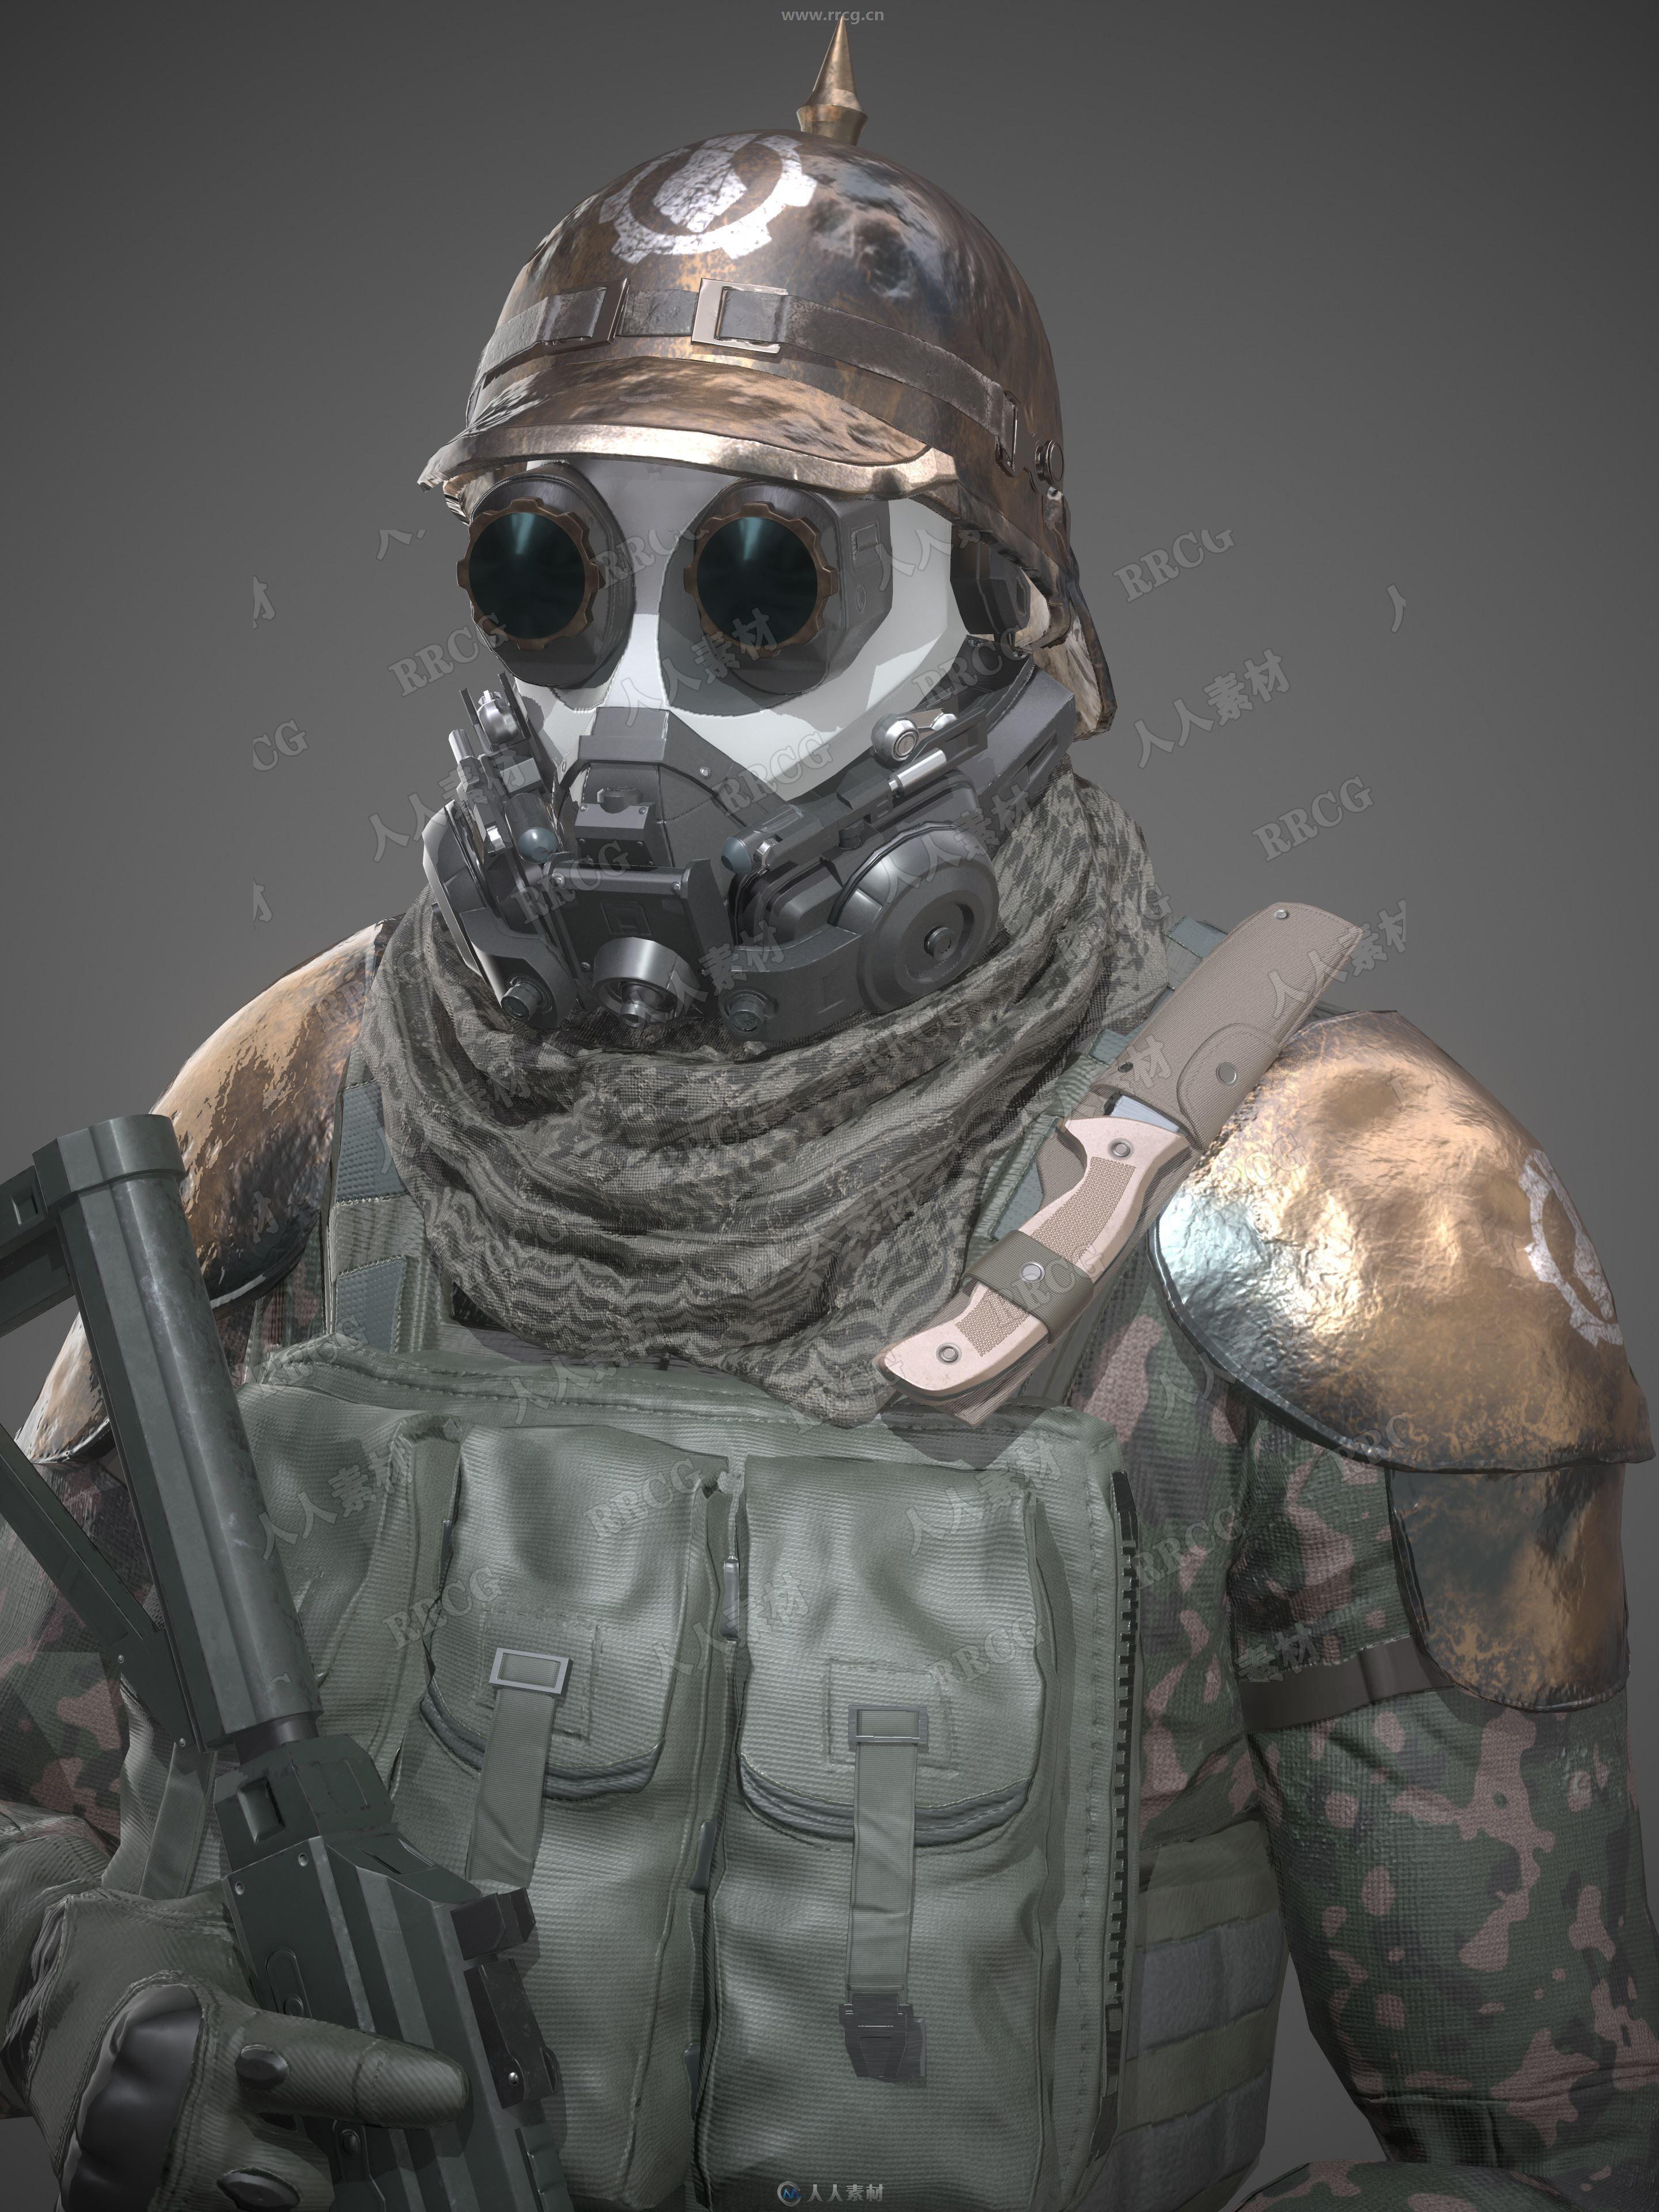 未来反乌托邦步兵战士3D模型与贴图